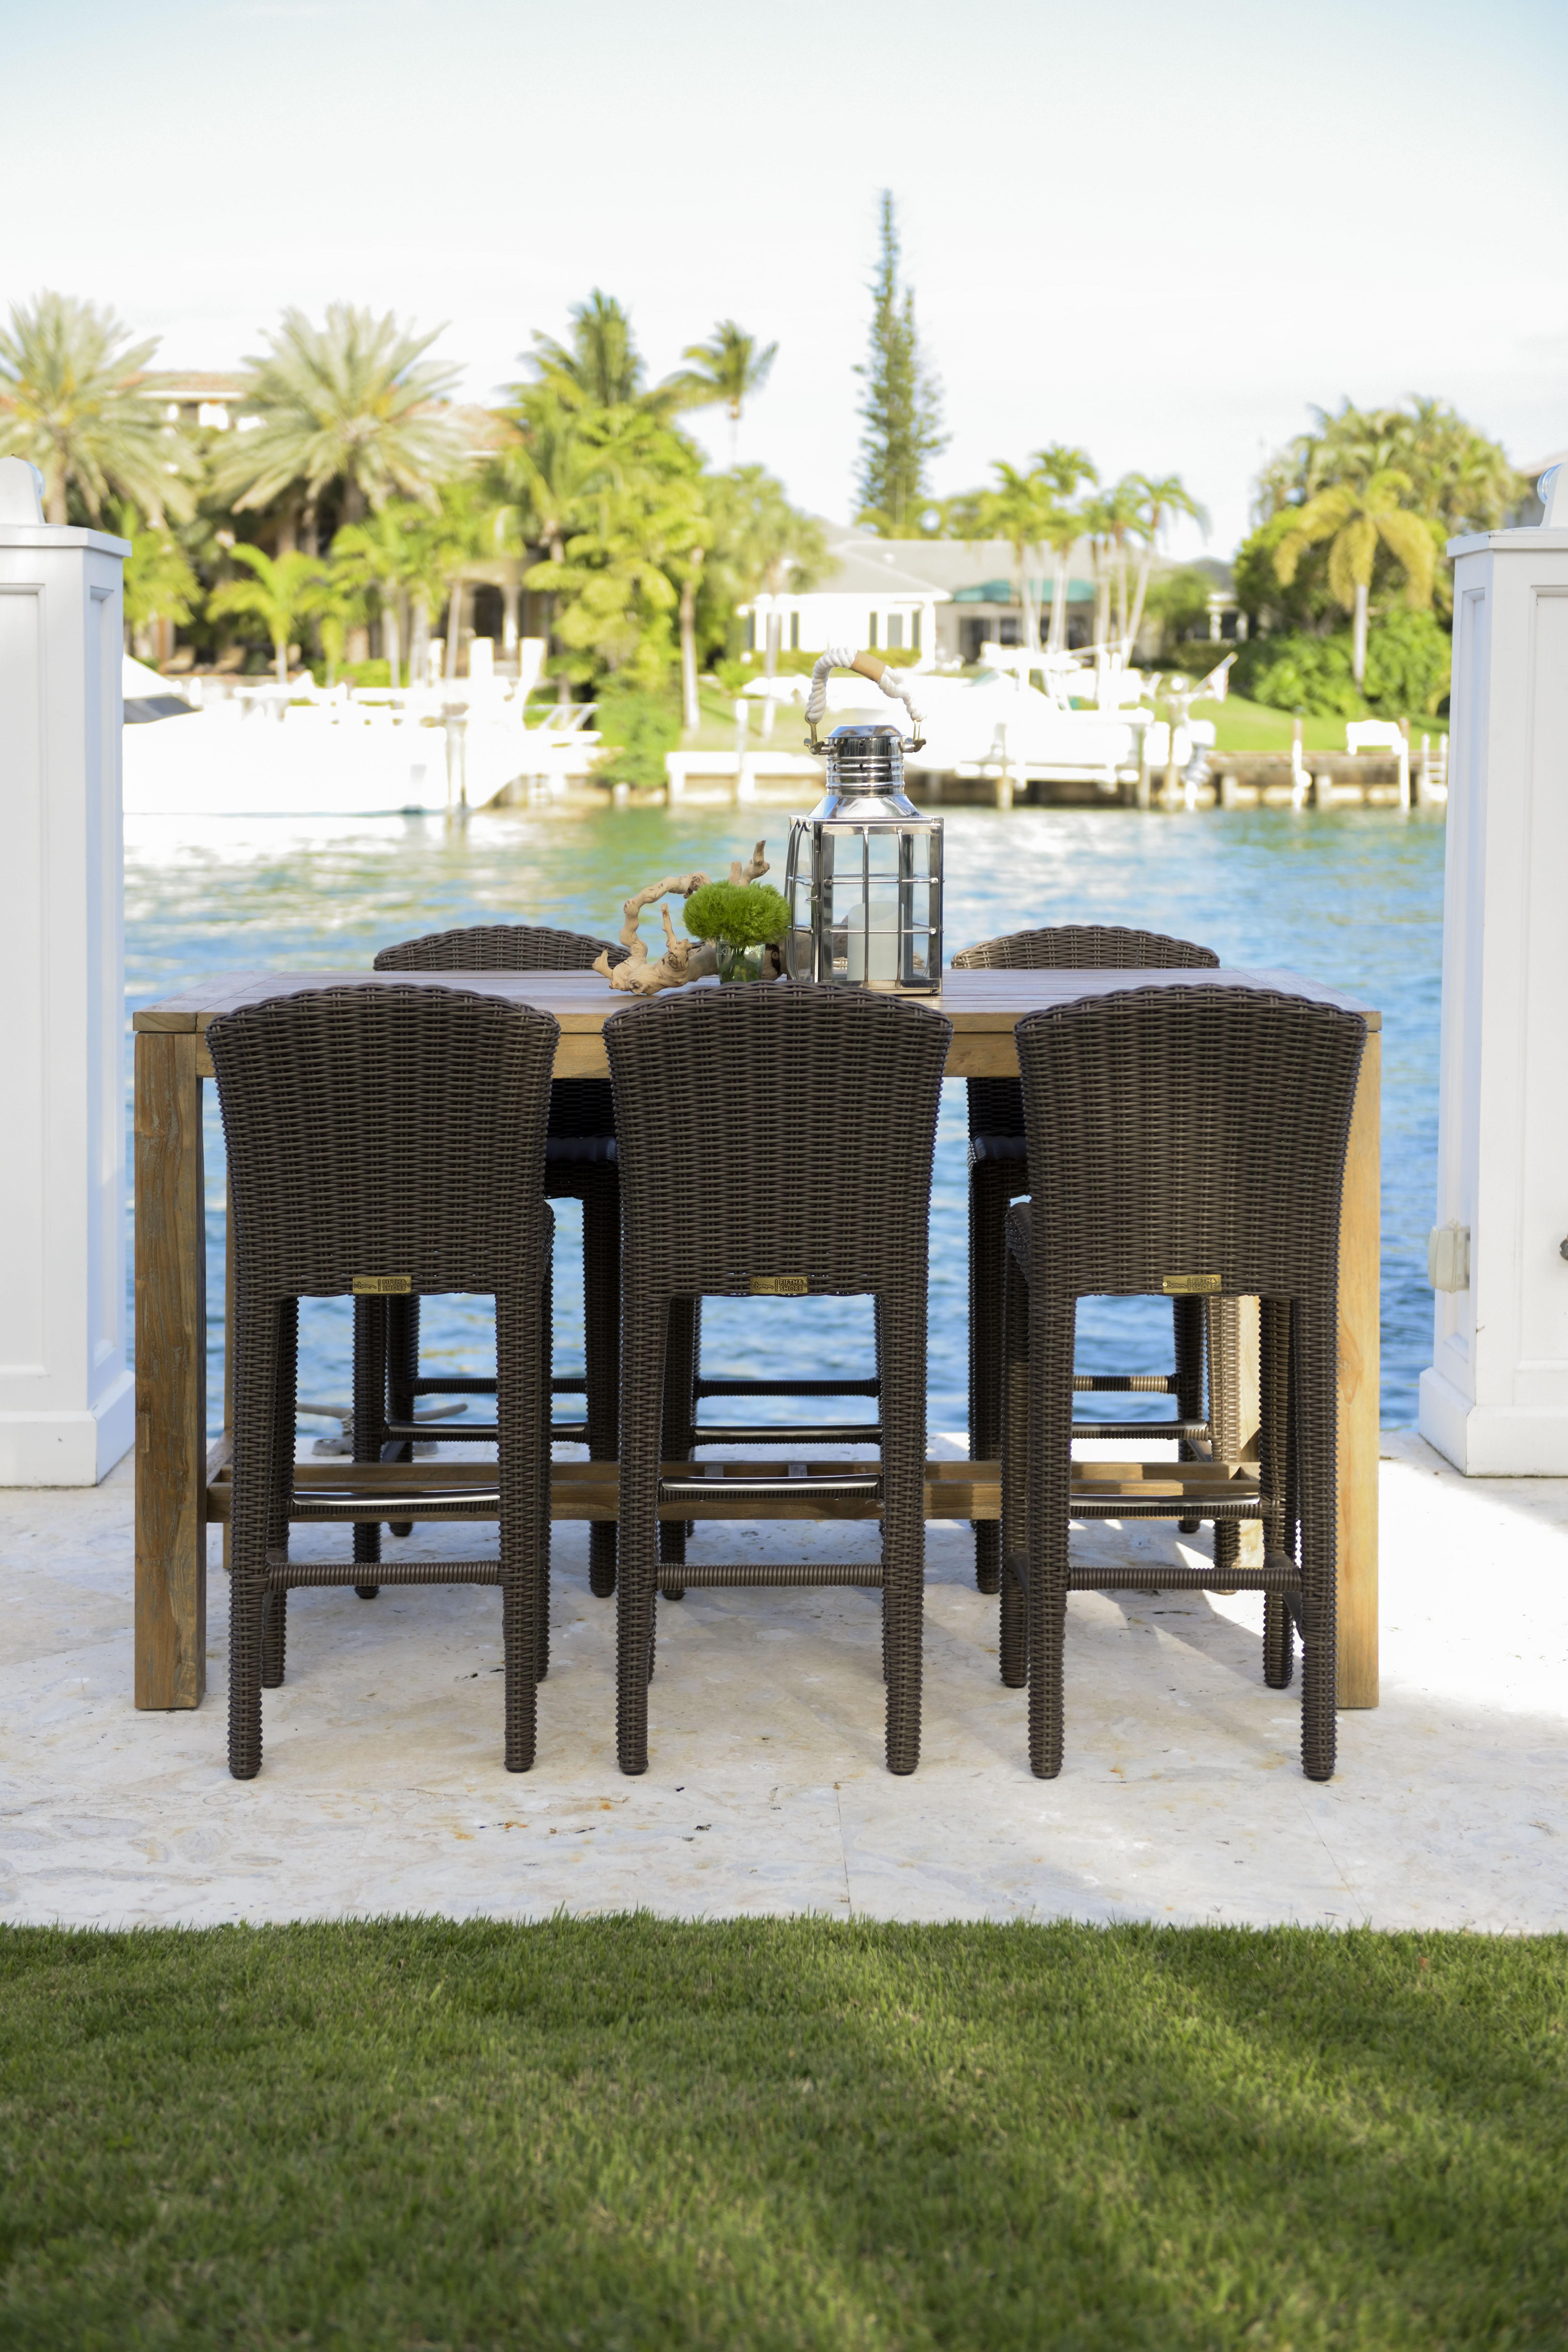 Patmos Bar - Rooms To Go presenta su nueva línea de muebles de patio, hechos para la mayoría de los climas en mimbre de alta calidad, aluminio y teca sólida con cojines tapizados en tela Sumbrella® para mayor resistencia. Sorprende a papá. (Suministrada)